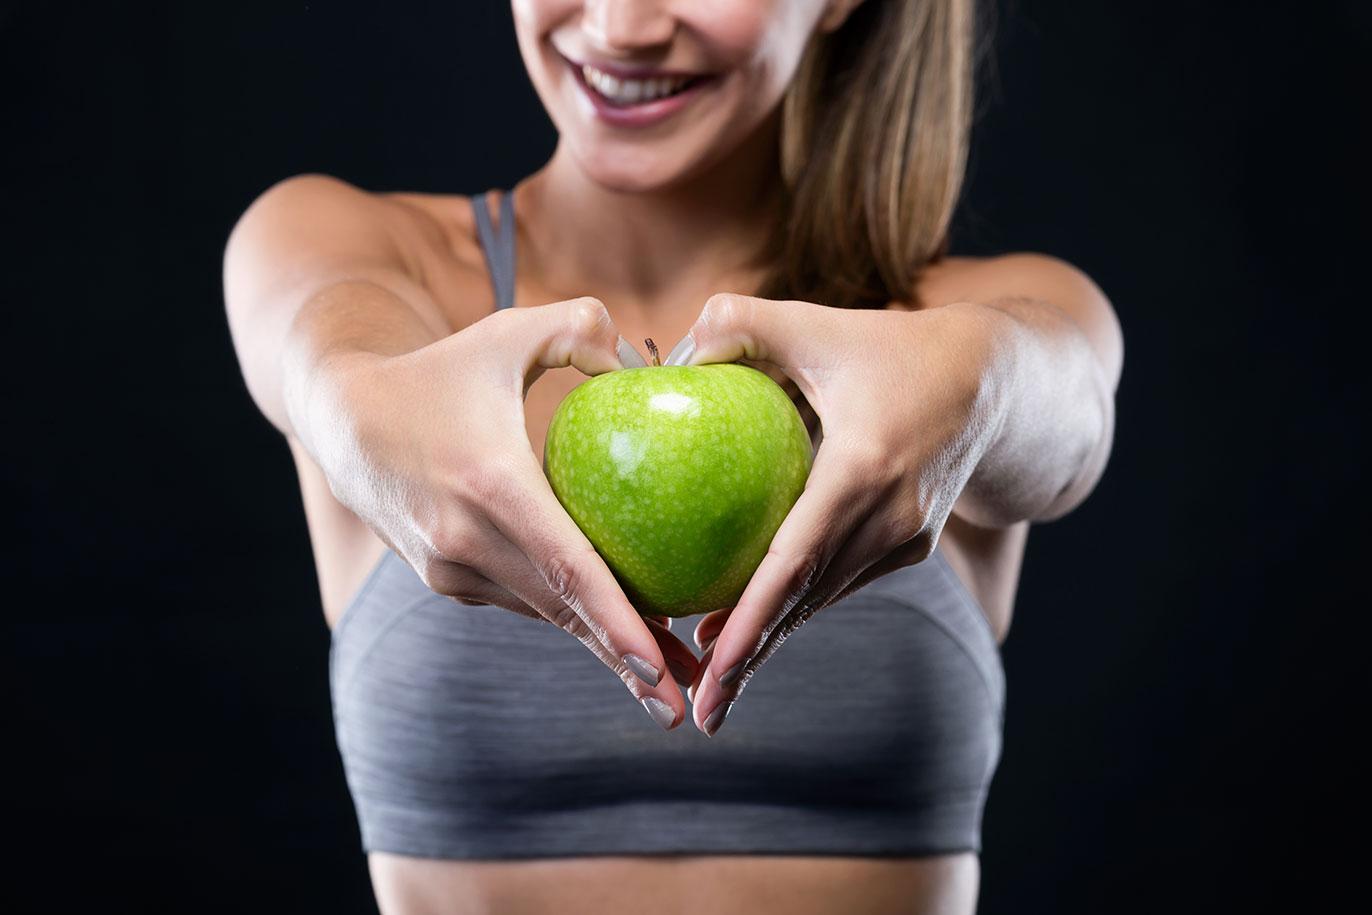 Яблока Поможет Похудеть. Можно ли есть яблоки при похудении